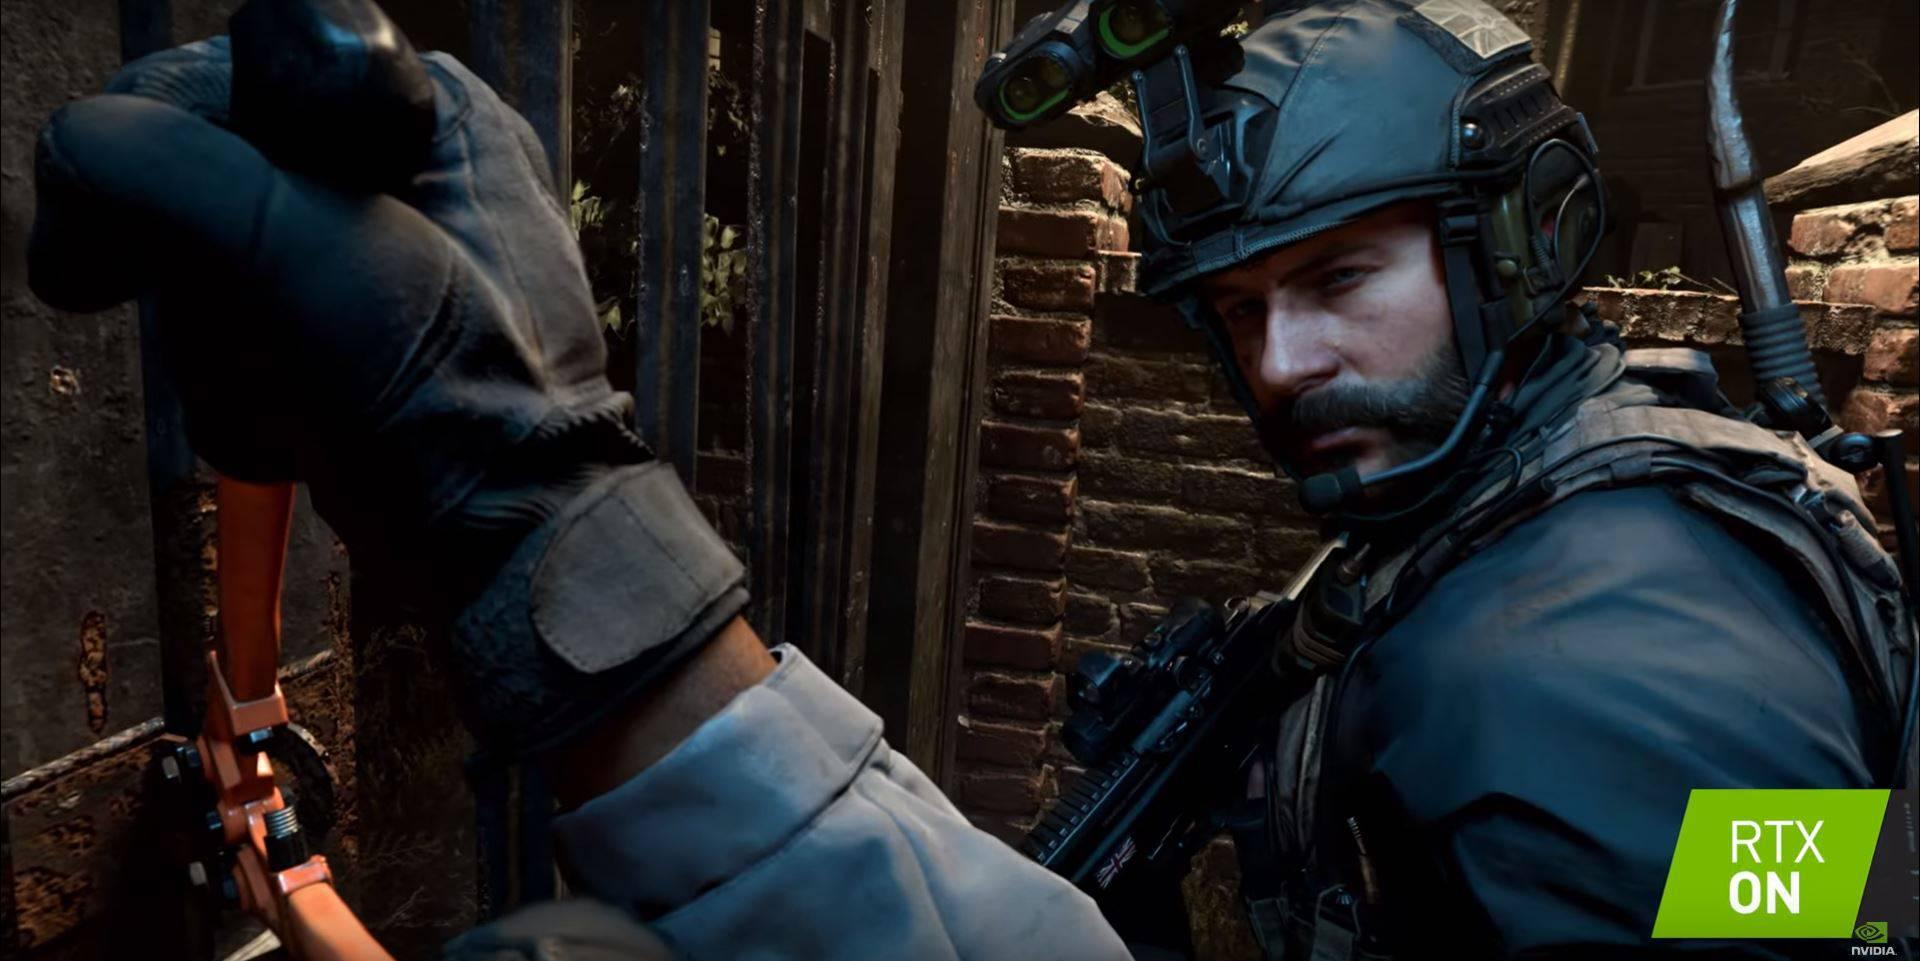 Novi Call of Duty otkrio kako postavlja nove granice realizma